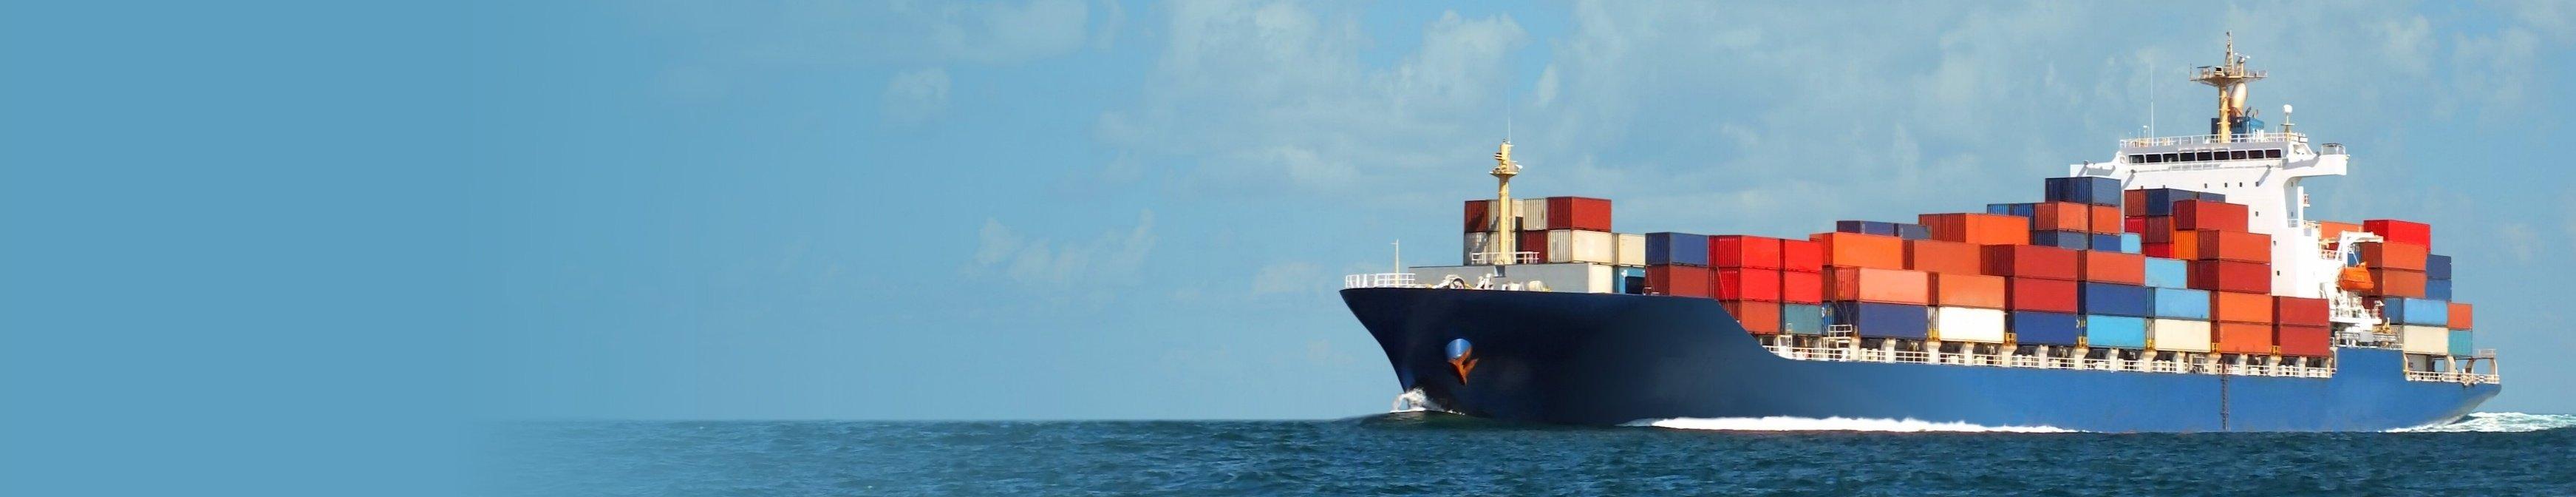 OceanFreightBanner-1.jpg